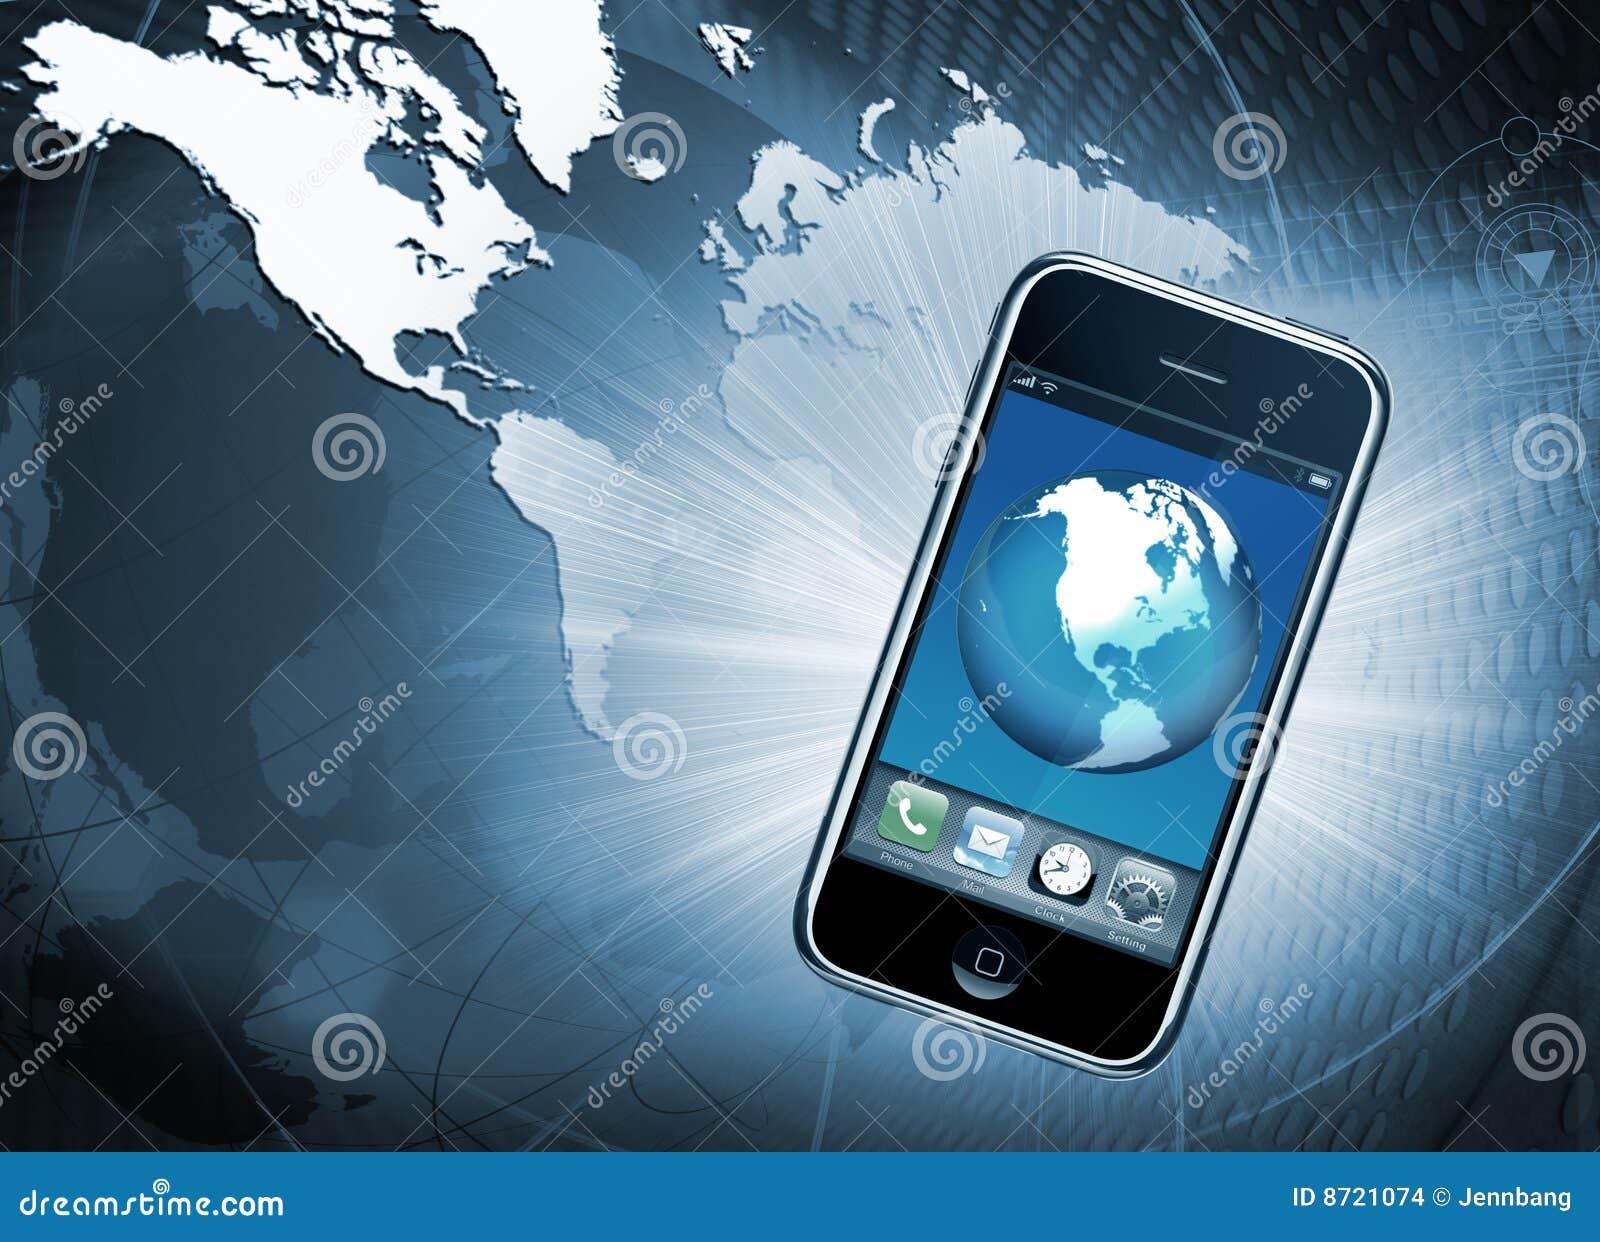 Authorized Satellite Phone Market Partner Program